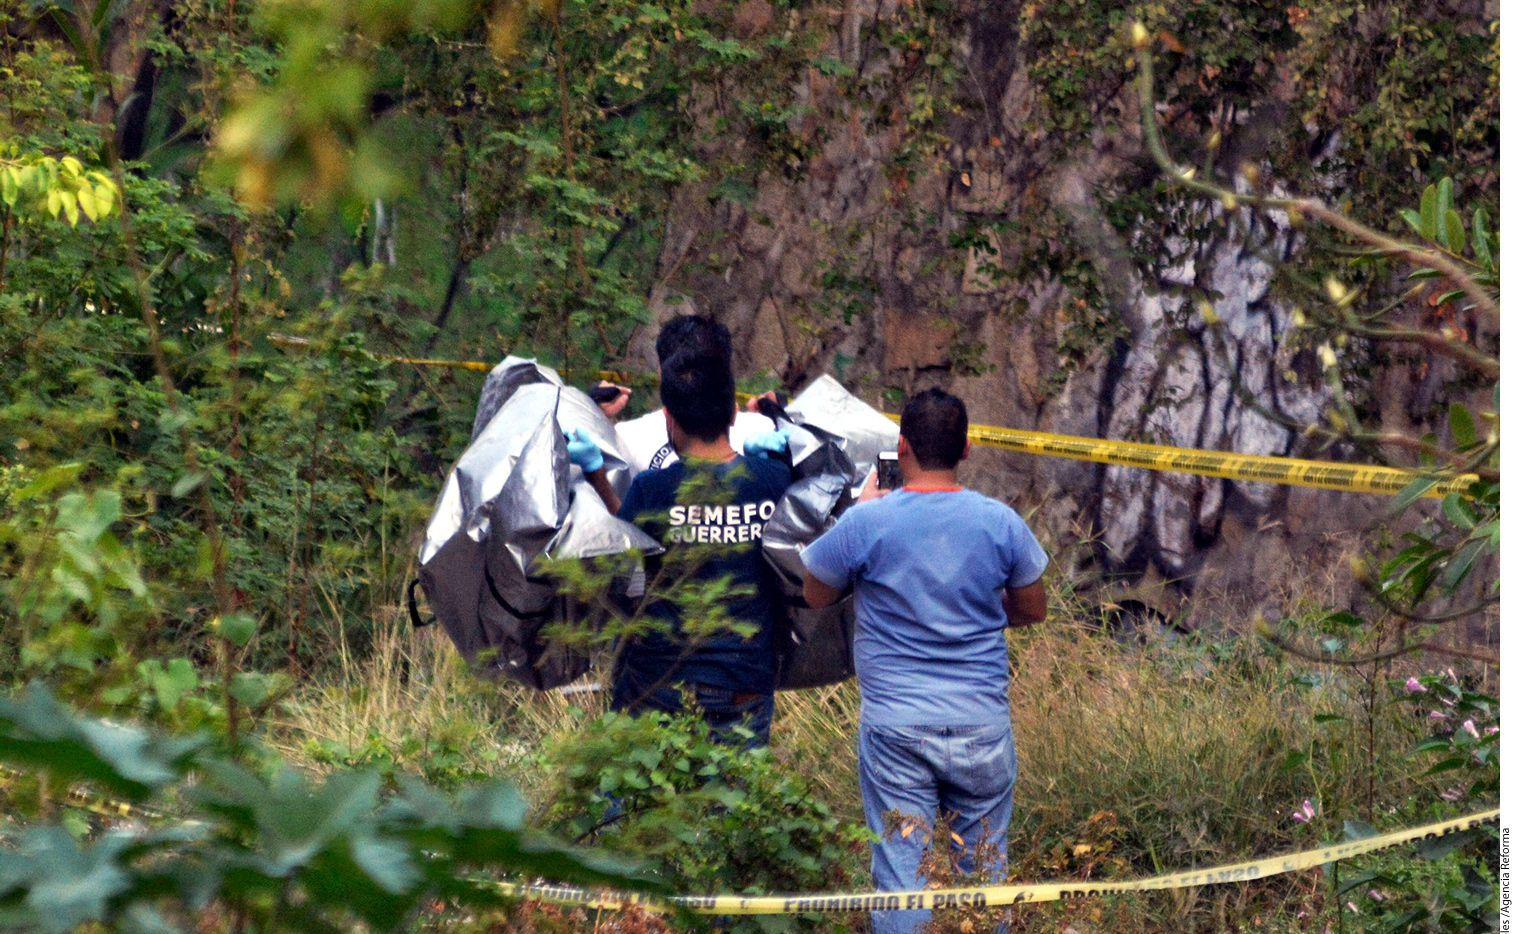 Agentes de la Fiscalía de Guerrero reportaron el hallazgo de una fosa en Acapulco con aproximadamente 10 cuerpos semienterrados en abril. Las autoridades dieron con otra fosa en la comunidad de Agua Zarca, Municipio Ajuchitlán del Progreso, en la región de Tierra Caliente. Foto AGENCIA REFORMA.